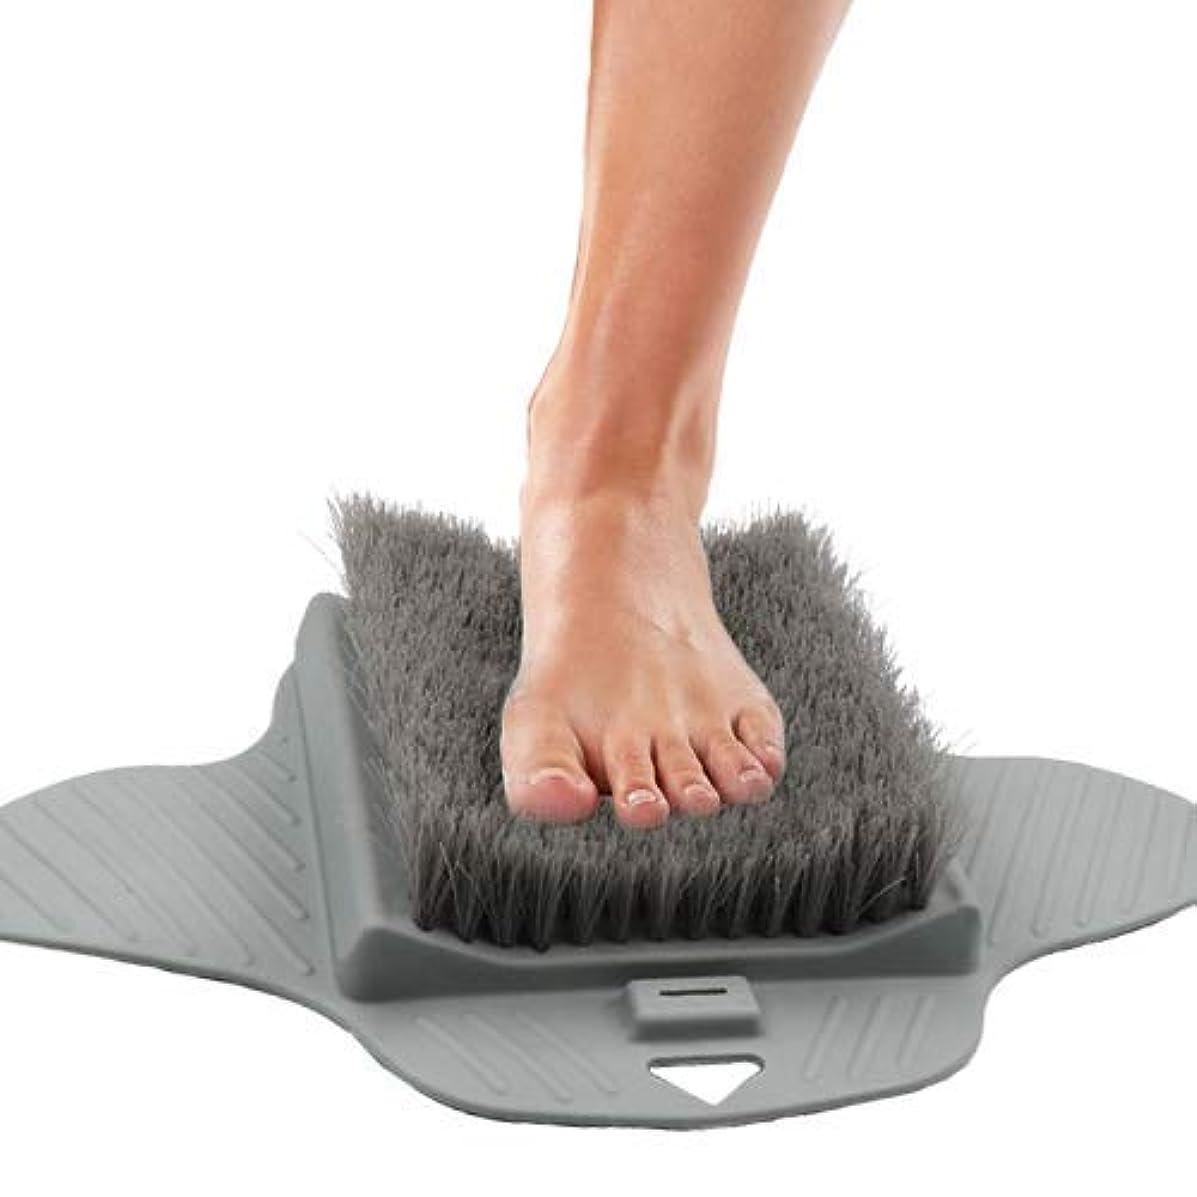 タンザニア舗装するコミットメントJhua 足の裏とカルスを掃除するためのシャワーフットスクラバーバスタブフロアブラシ-滑り止め吸引カップ、指圧マッサージマットフットクリーナー